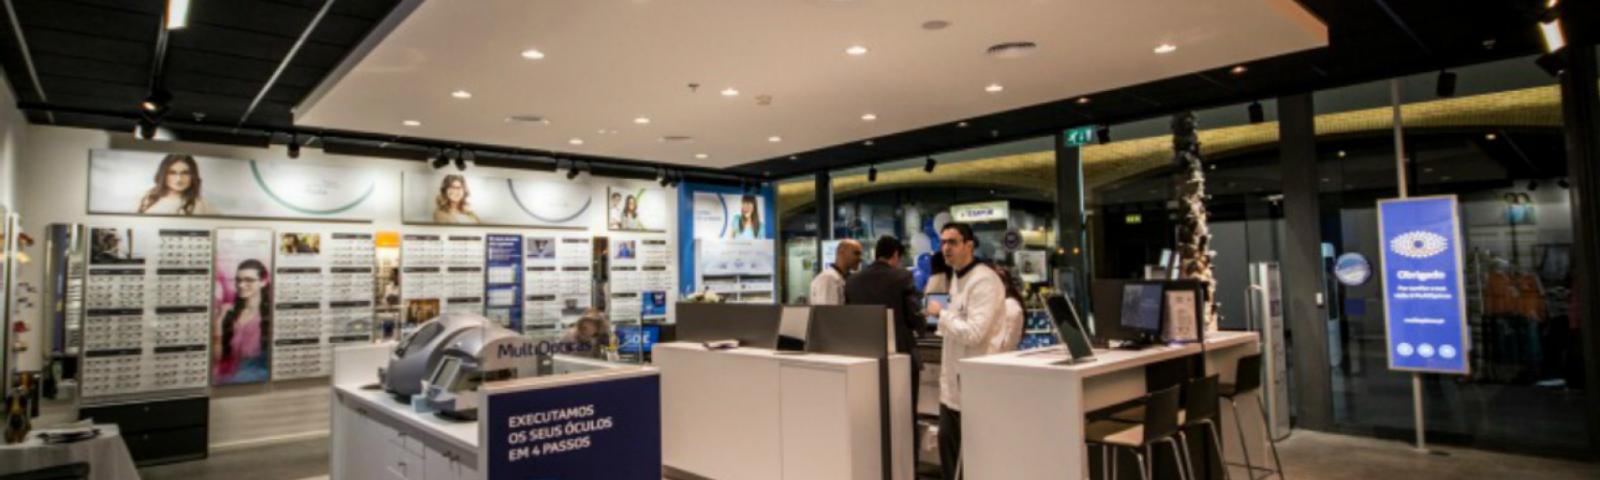 MultiOpticas abre mais uma loja